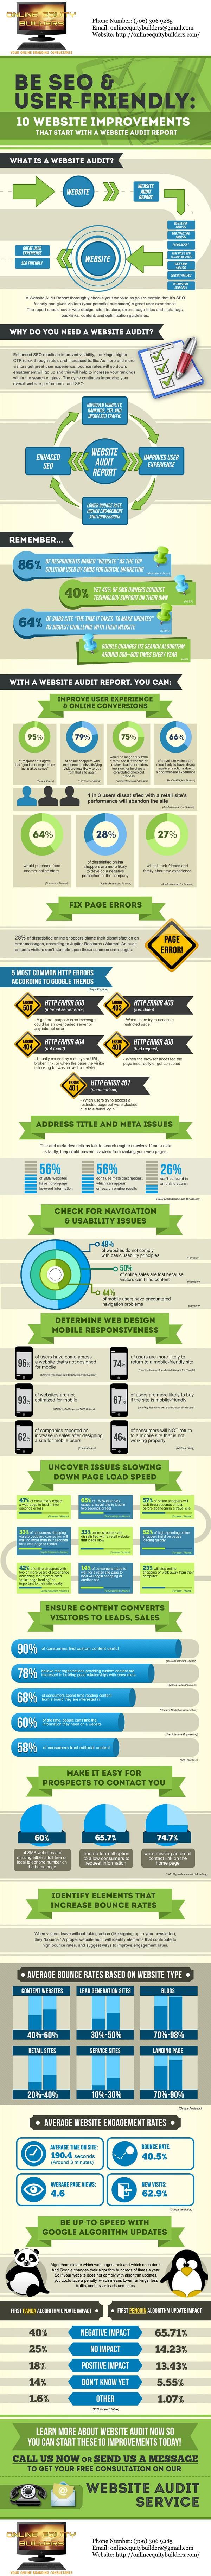 OnlineEquityBuilders.com-Website-Audit-Infographic-Blog-MM